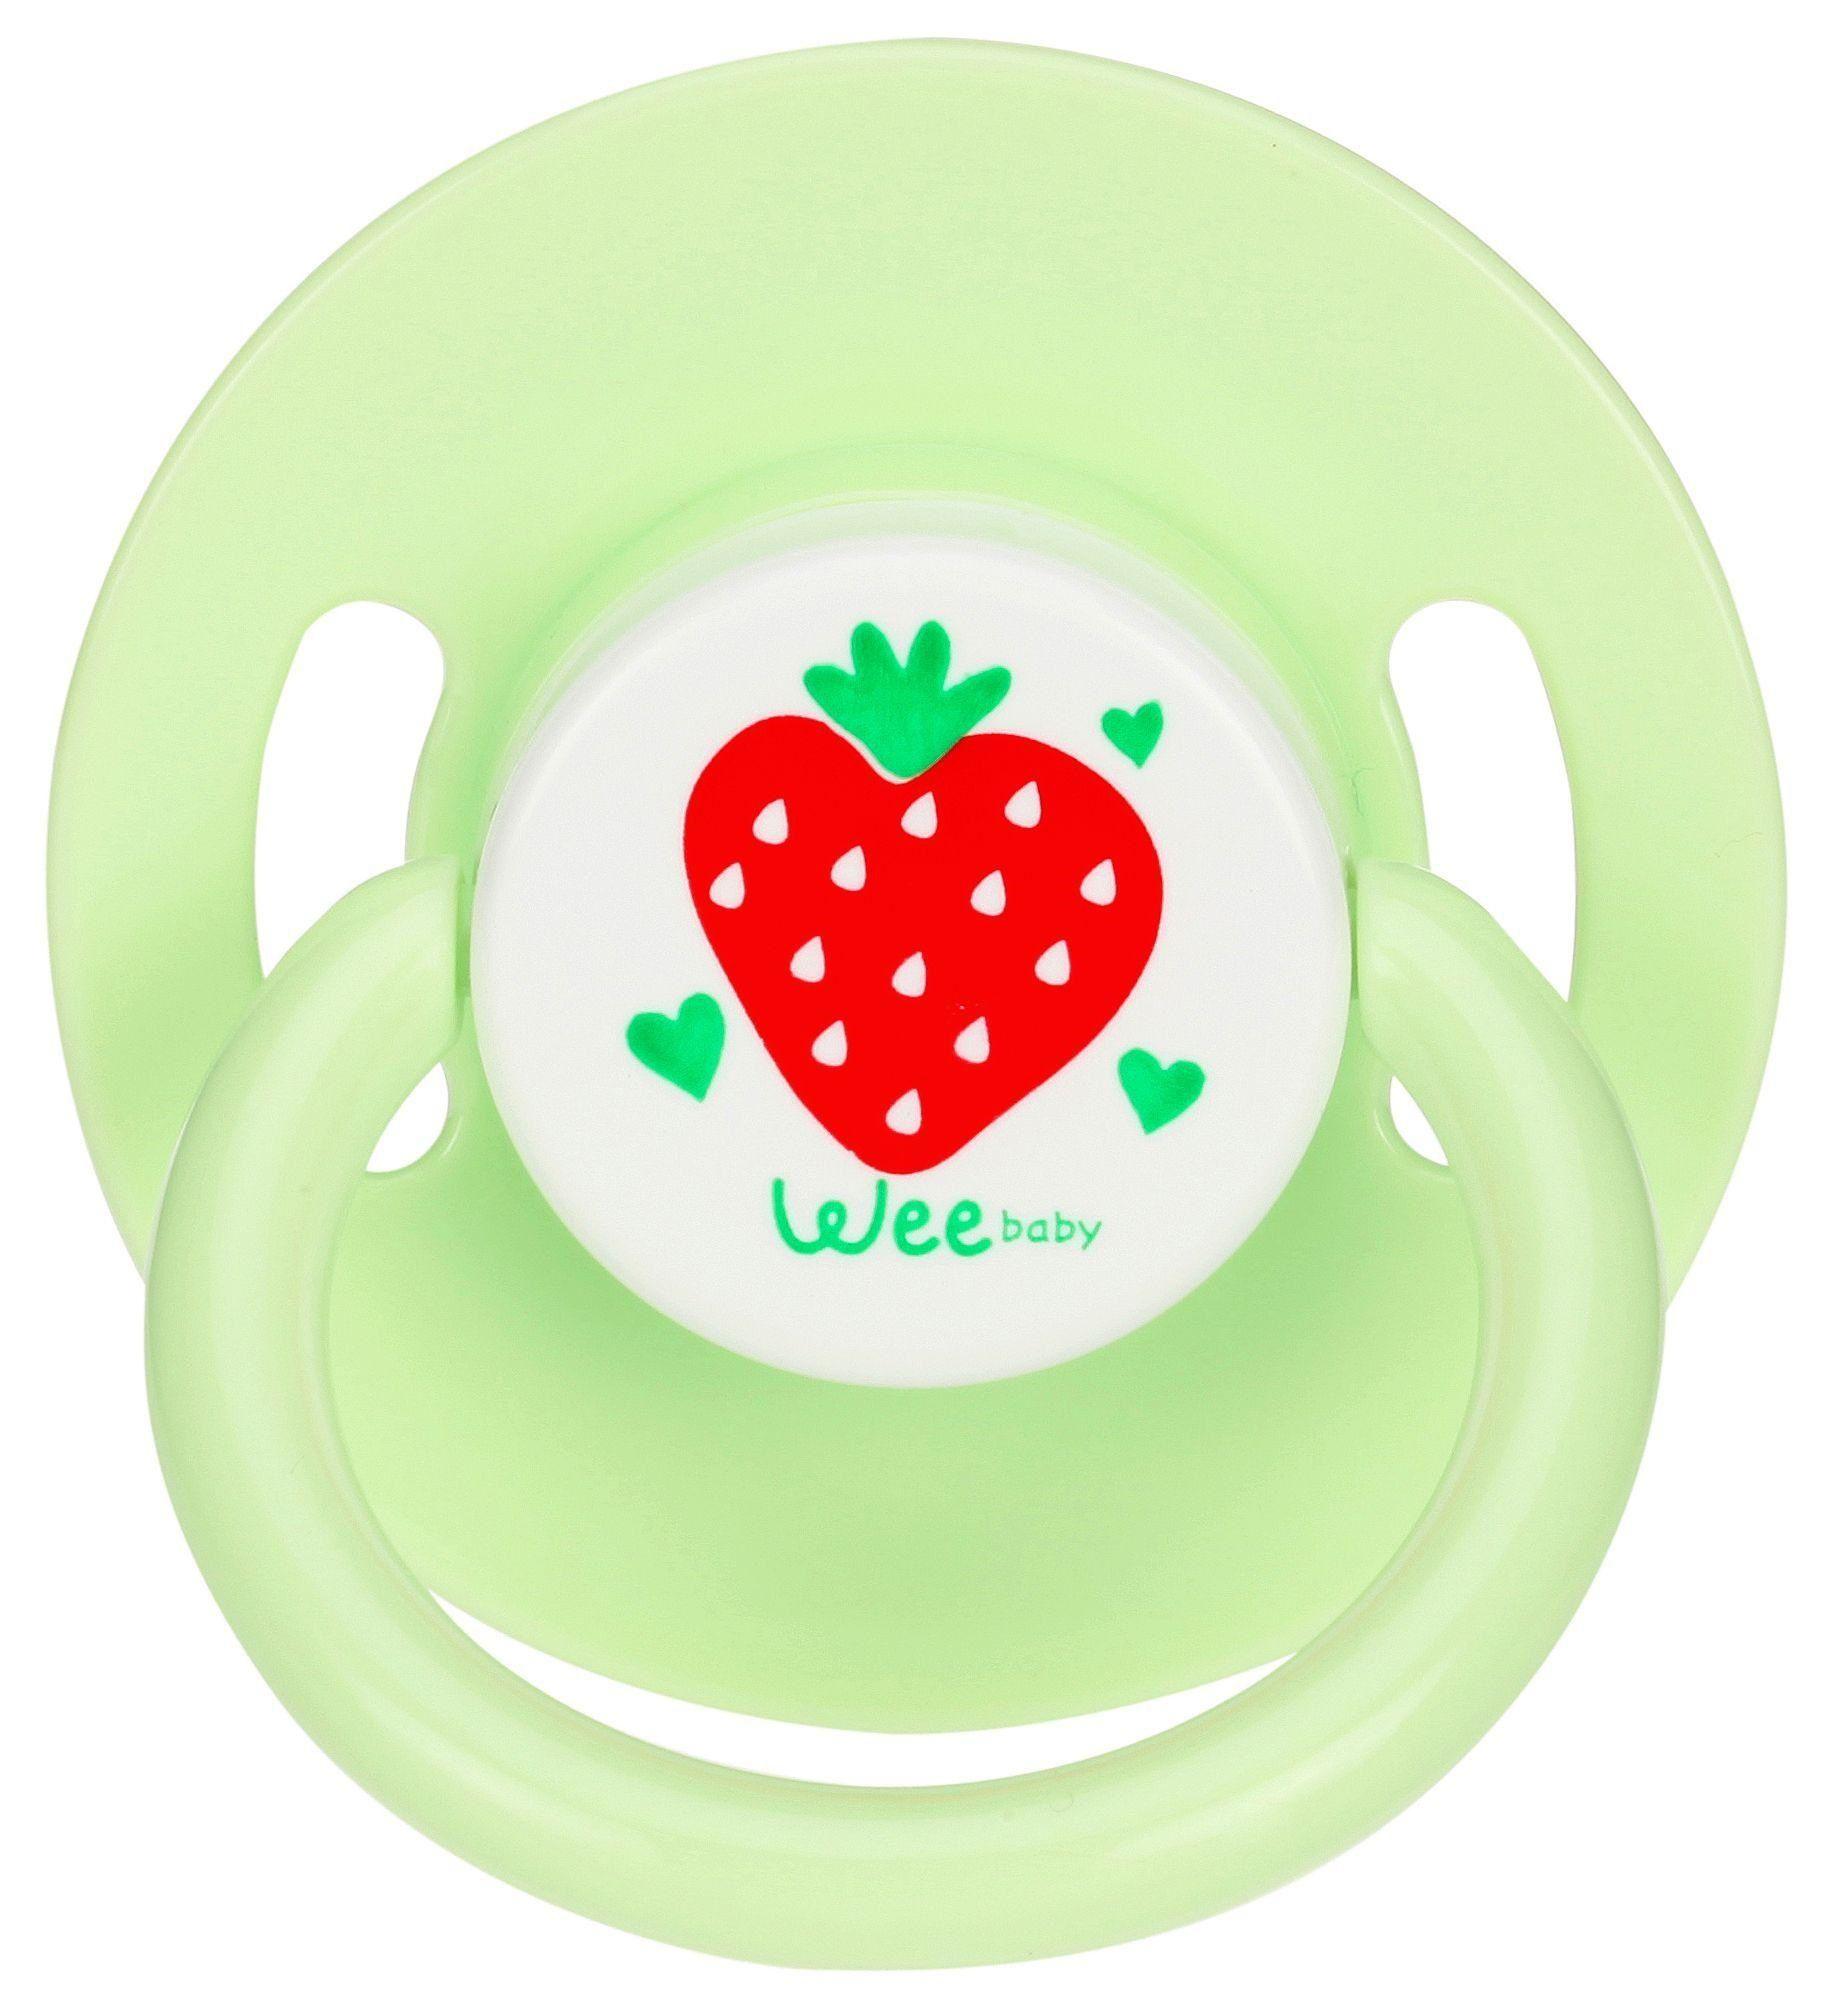 Купить Baby Wee Пустышка №2 латексная в интернет магазине. Цены, фото, описания, характеристики, отзывы, обзоры